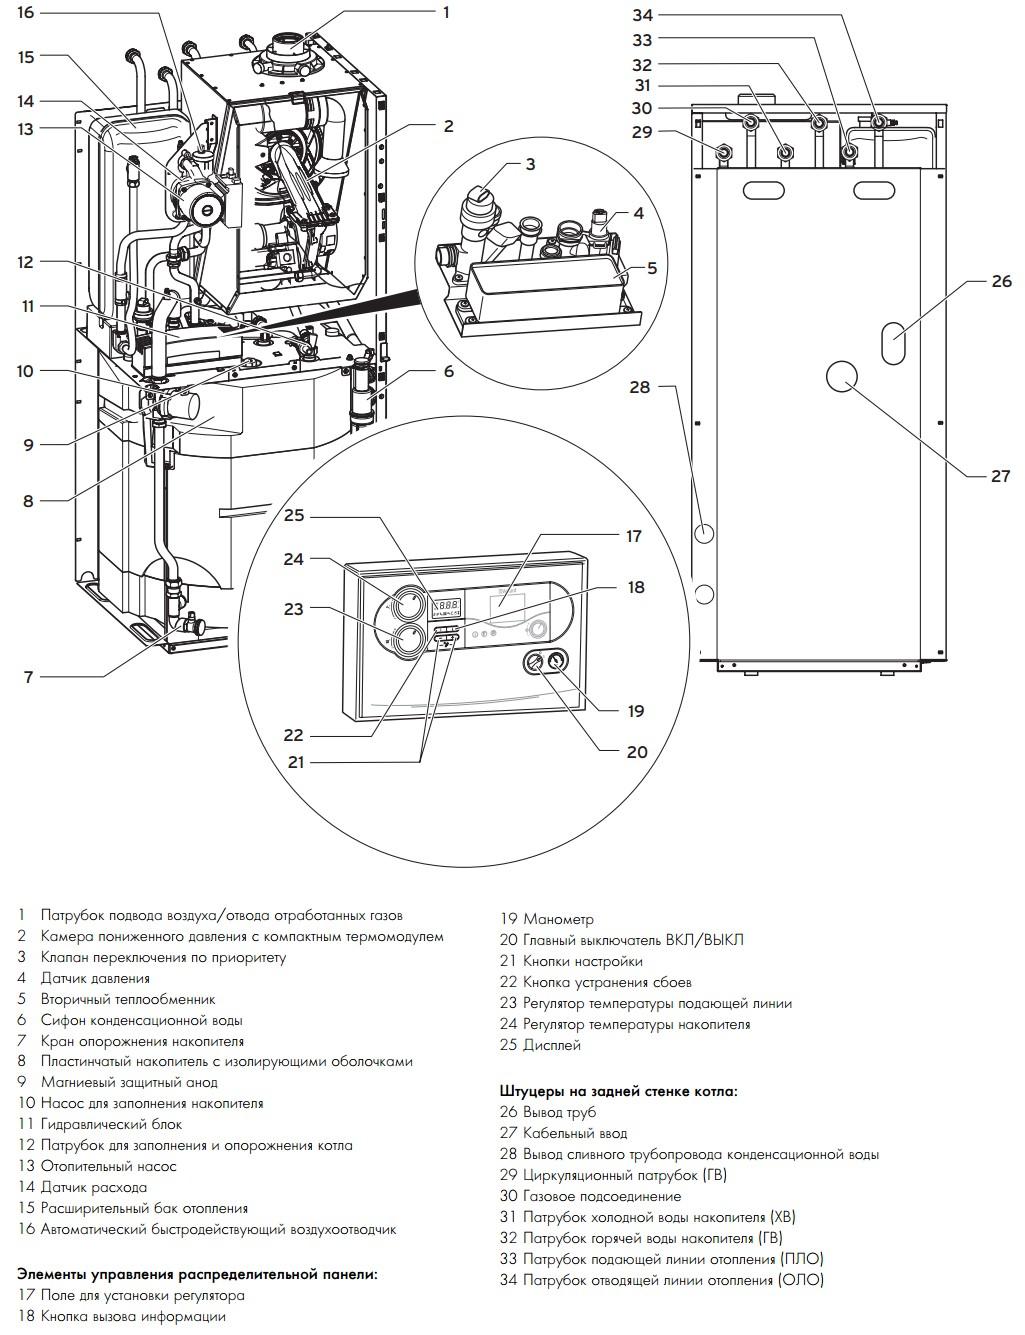 Схема устройства теплообменника котла вайлант конвектор ева из чего сделан теплообменник